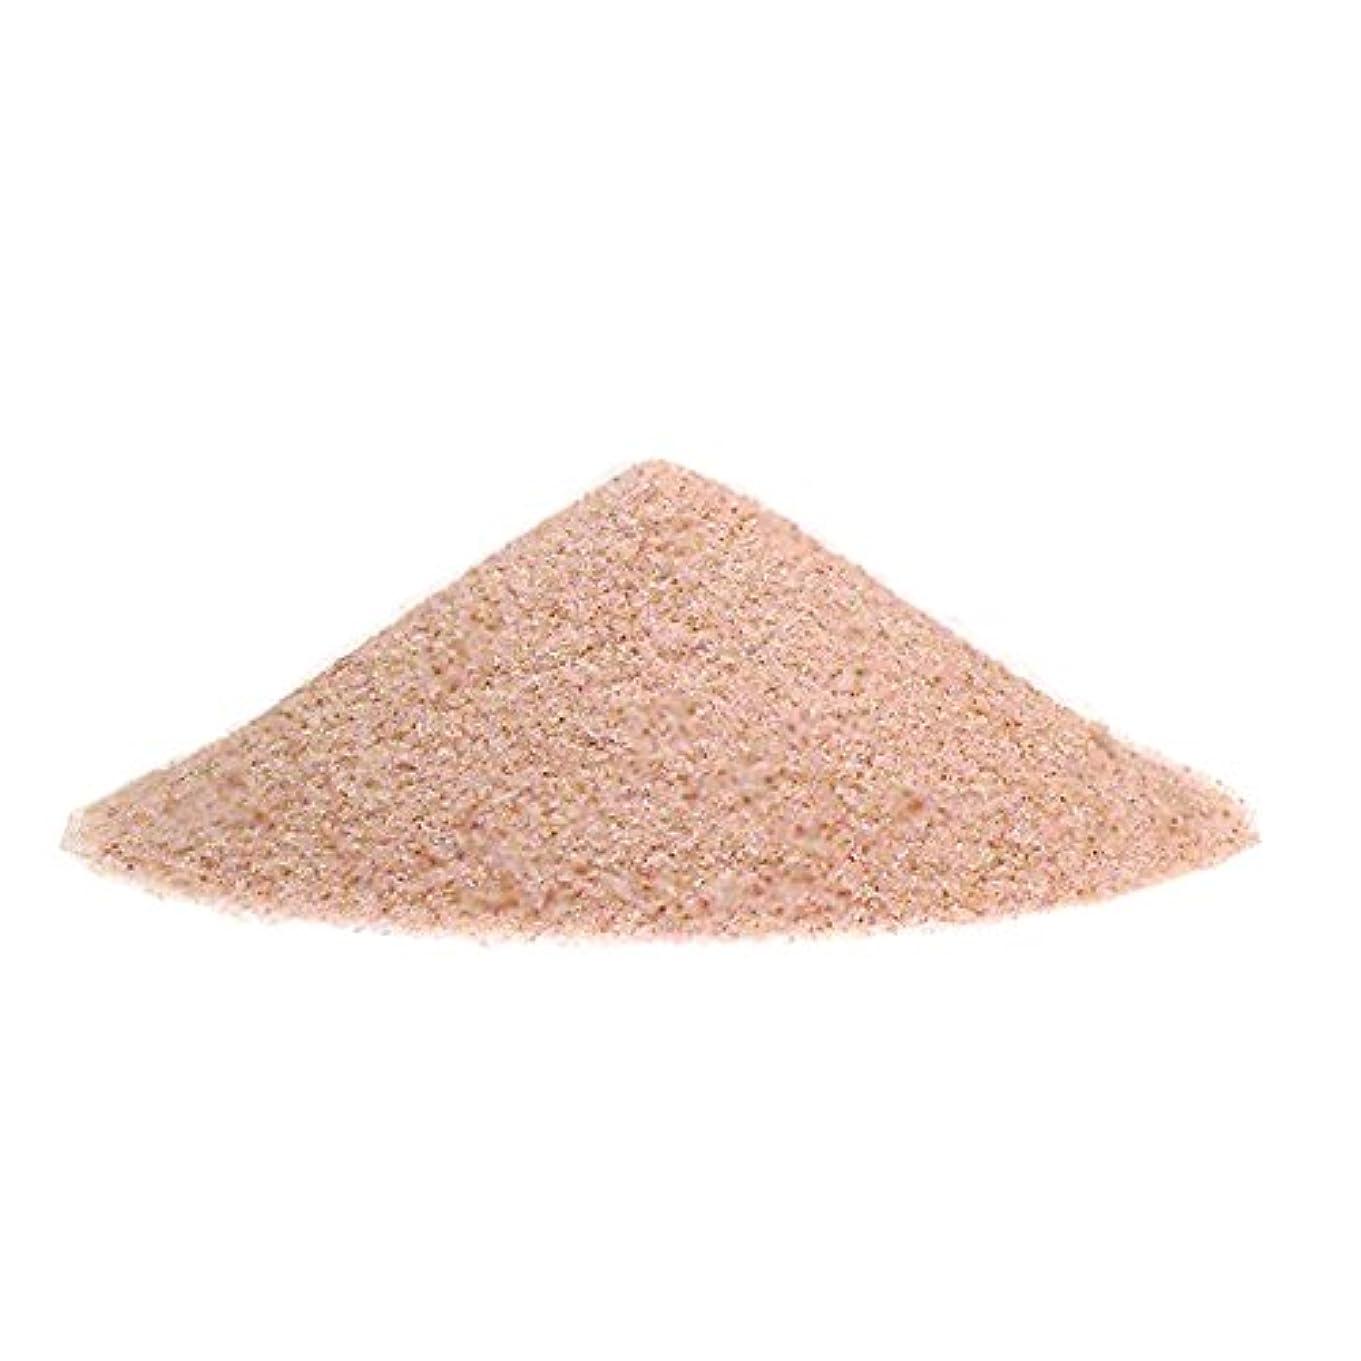 みぞれ輝度実行する増量中!ヒマラヤ岩塩 ピンクソルト 入浴用 バスソルト(微粒パウダー) ピンク岩塩 (1kg+増量250g)